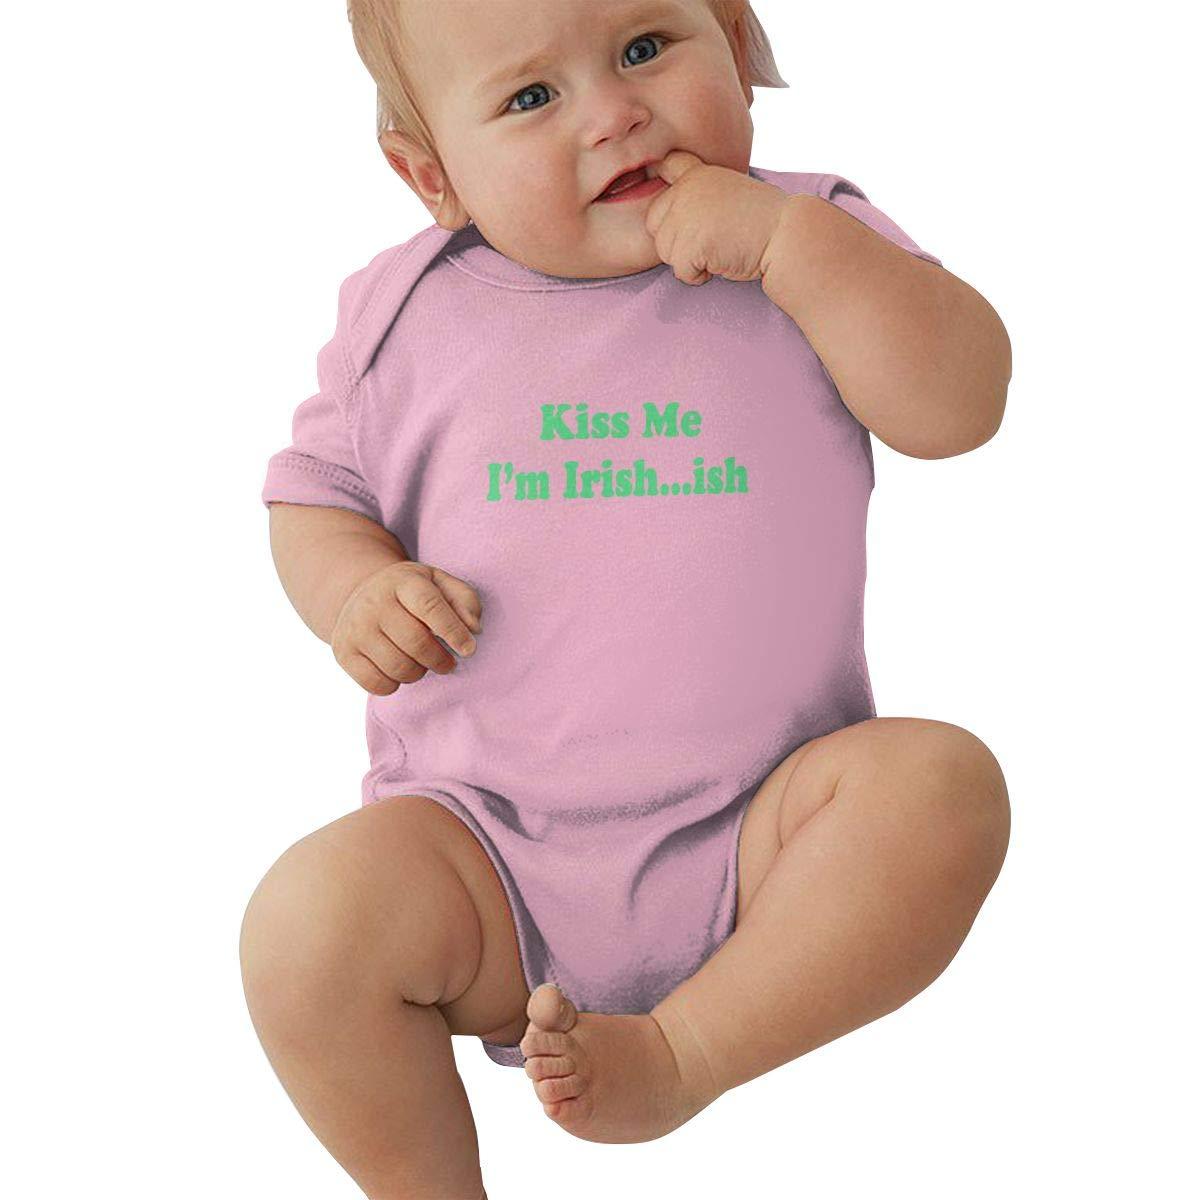 Newborn Baby Girls Bodysuit Short-Sleeve Onesie Im Irish-ish Print Rompers Autumn Pajamas